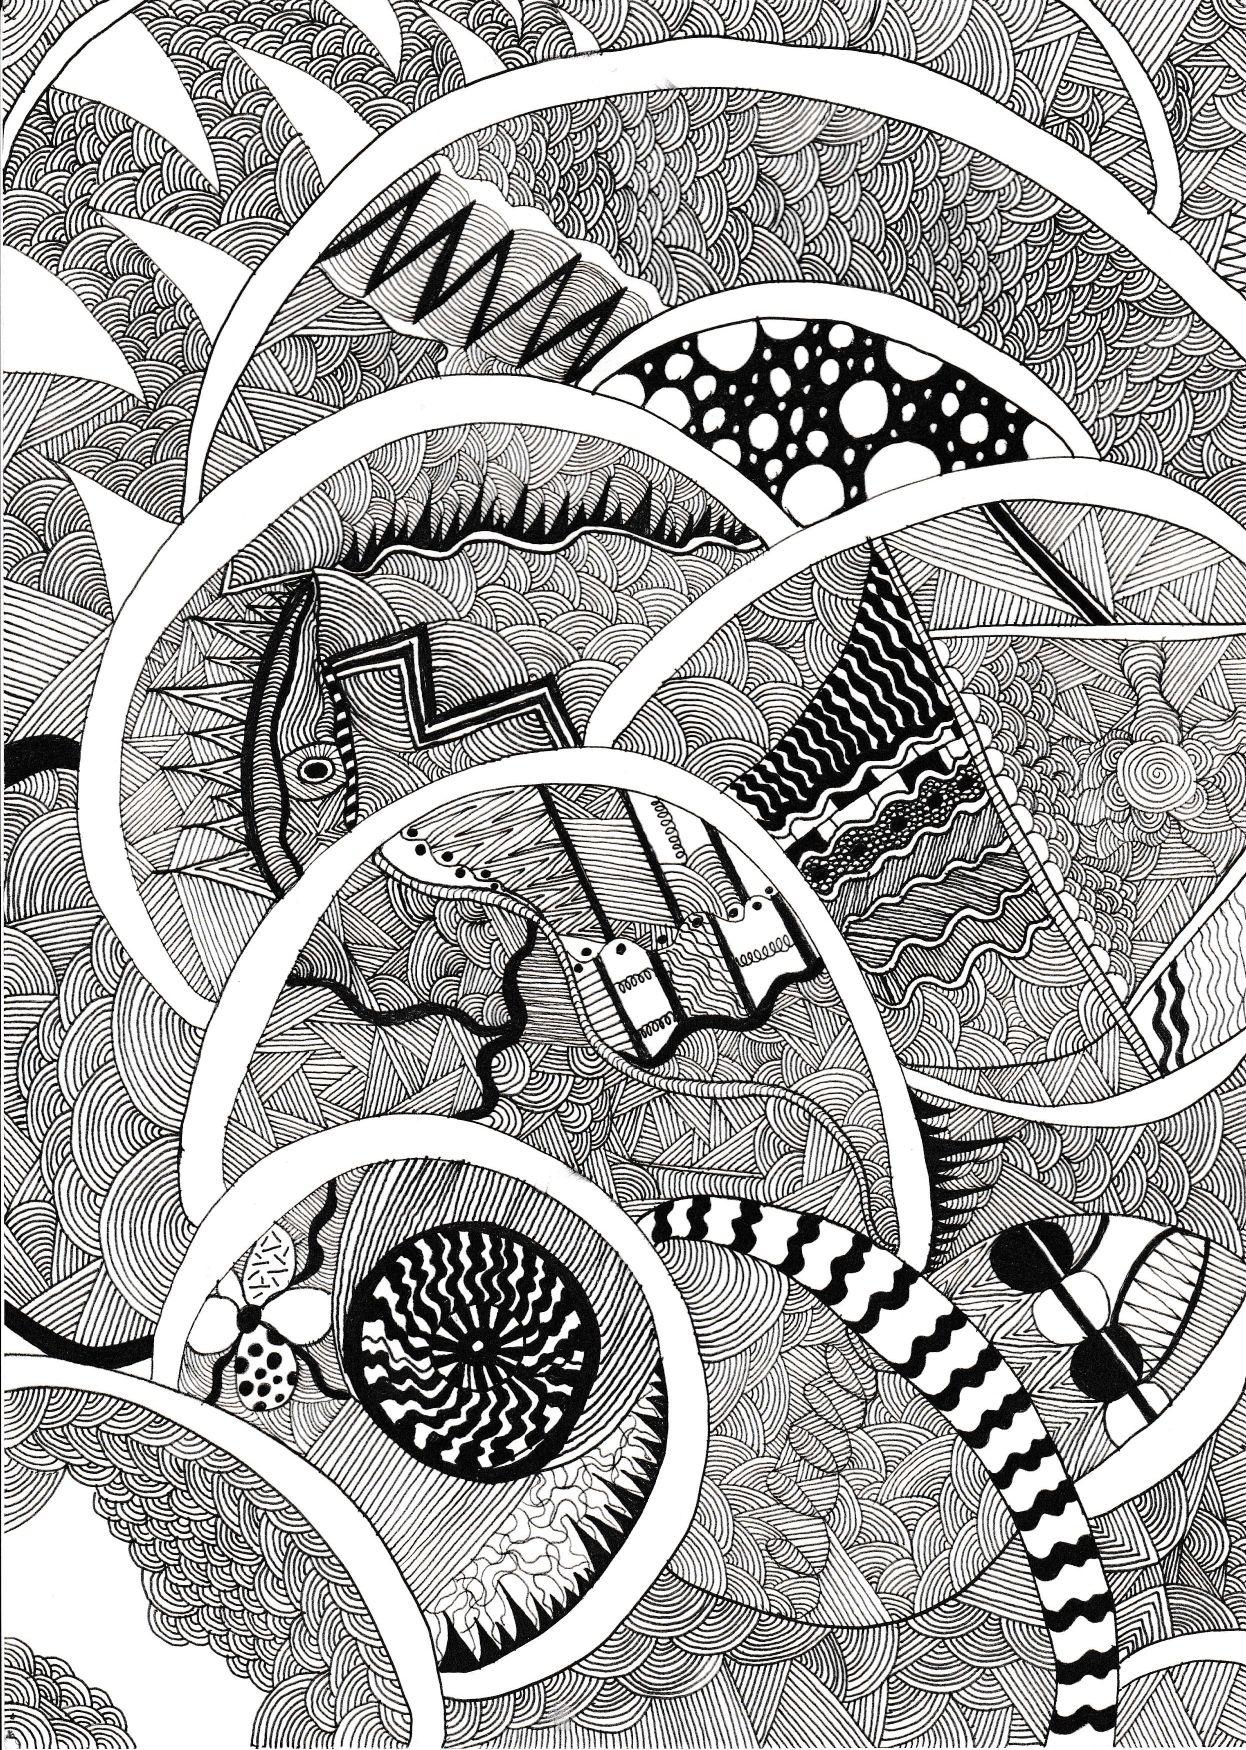 zzzz zzzz adlı kullanıcının doodle art panosundaki Pin